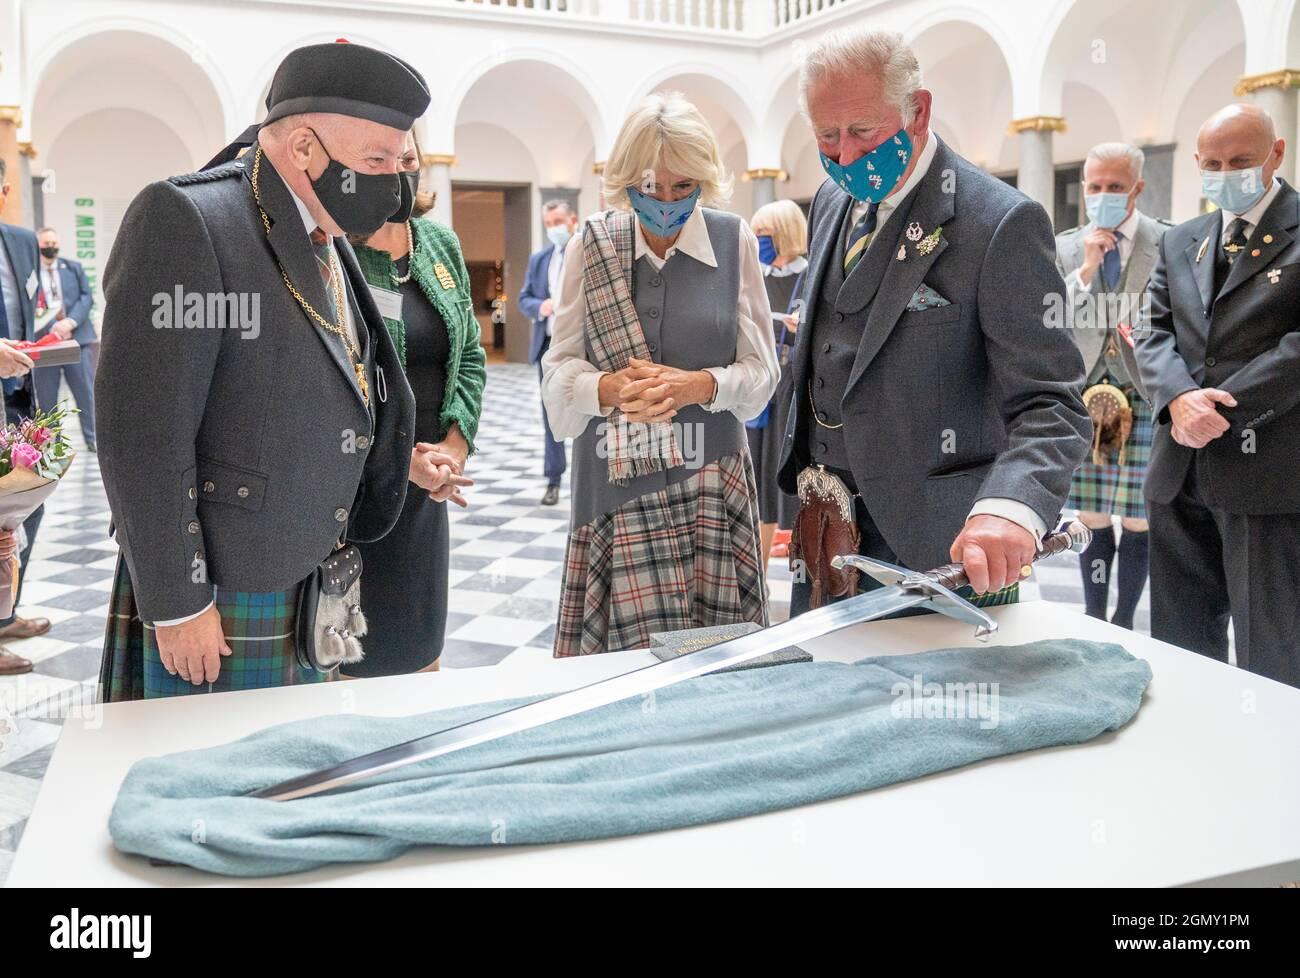 Le prince de Galles et la duchesse de Cornwall, connue sous le nom de duc et duchesse de Rothesay en Écosse, sont présentés avec une réplique de l'épée de Robert le Bruce lors d'une visite à la nouvelle galerie d'art Aberdeen, Schoolhill, Aberdeen. Date de la photo: Mardi 21 septembre 2021. Banque D'Images